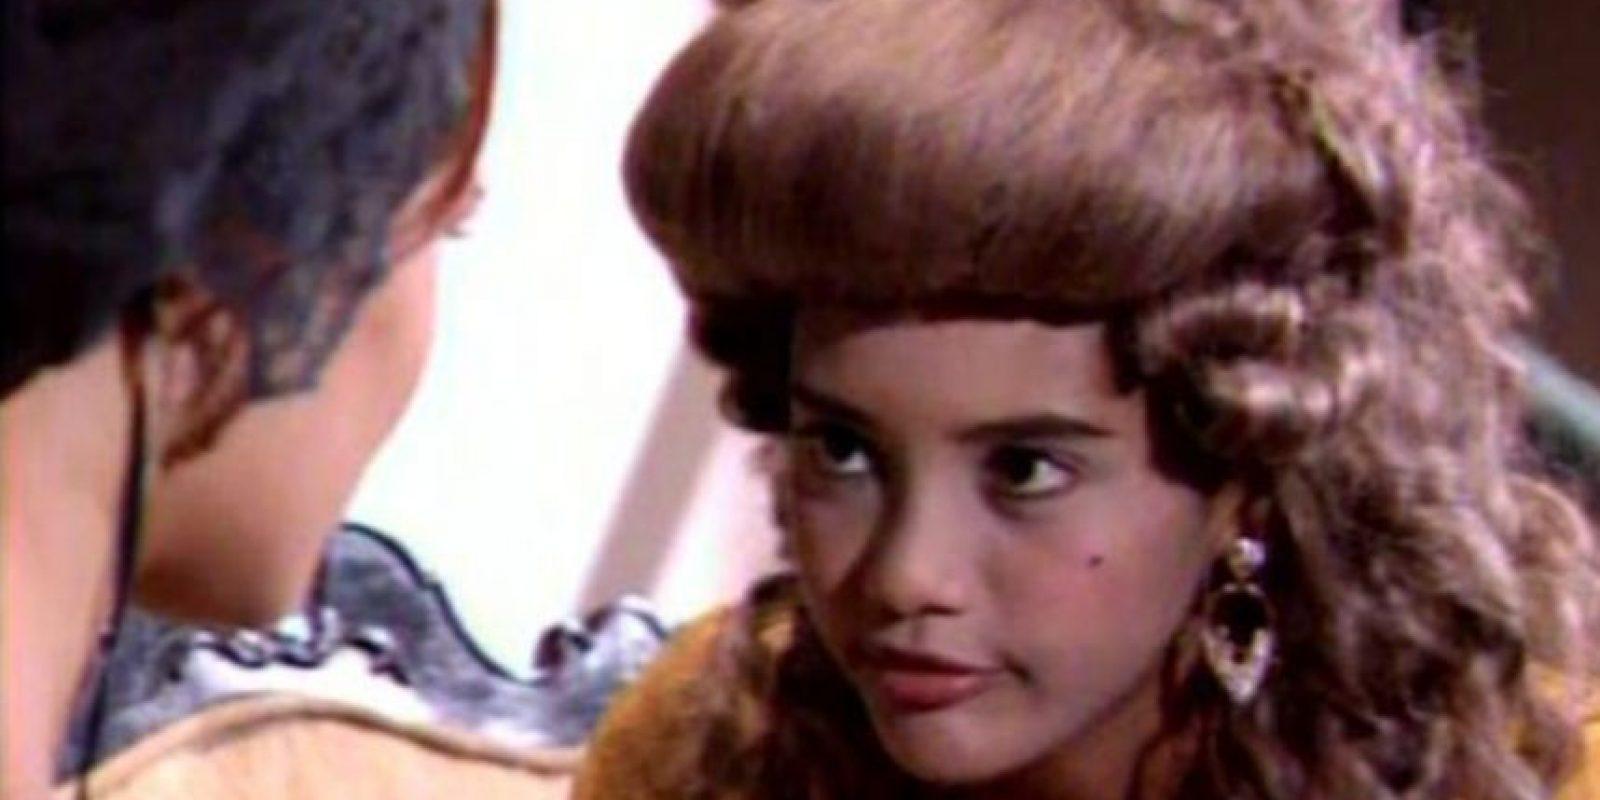 Francisca Da Silva tuvo trece hijos con él y fue la mujer más rica de su pueblo. En la telenovela de los noventa fue interpretada por Taís Araújo. Foto:Rede Manchete